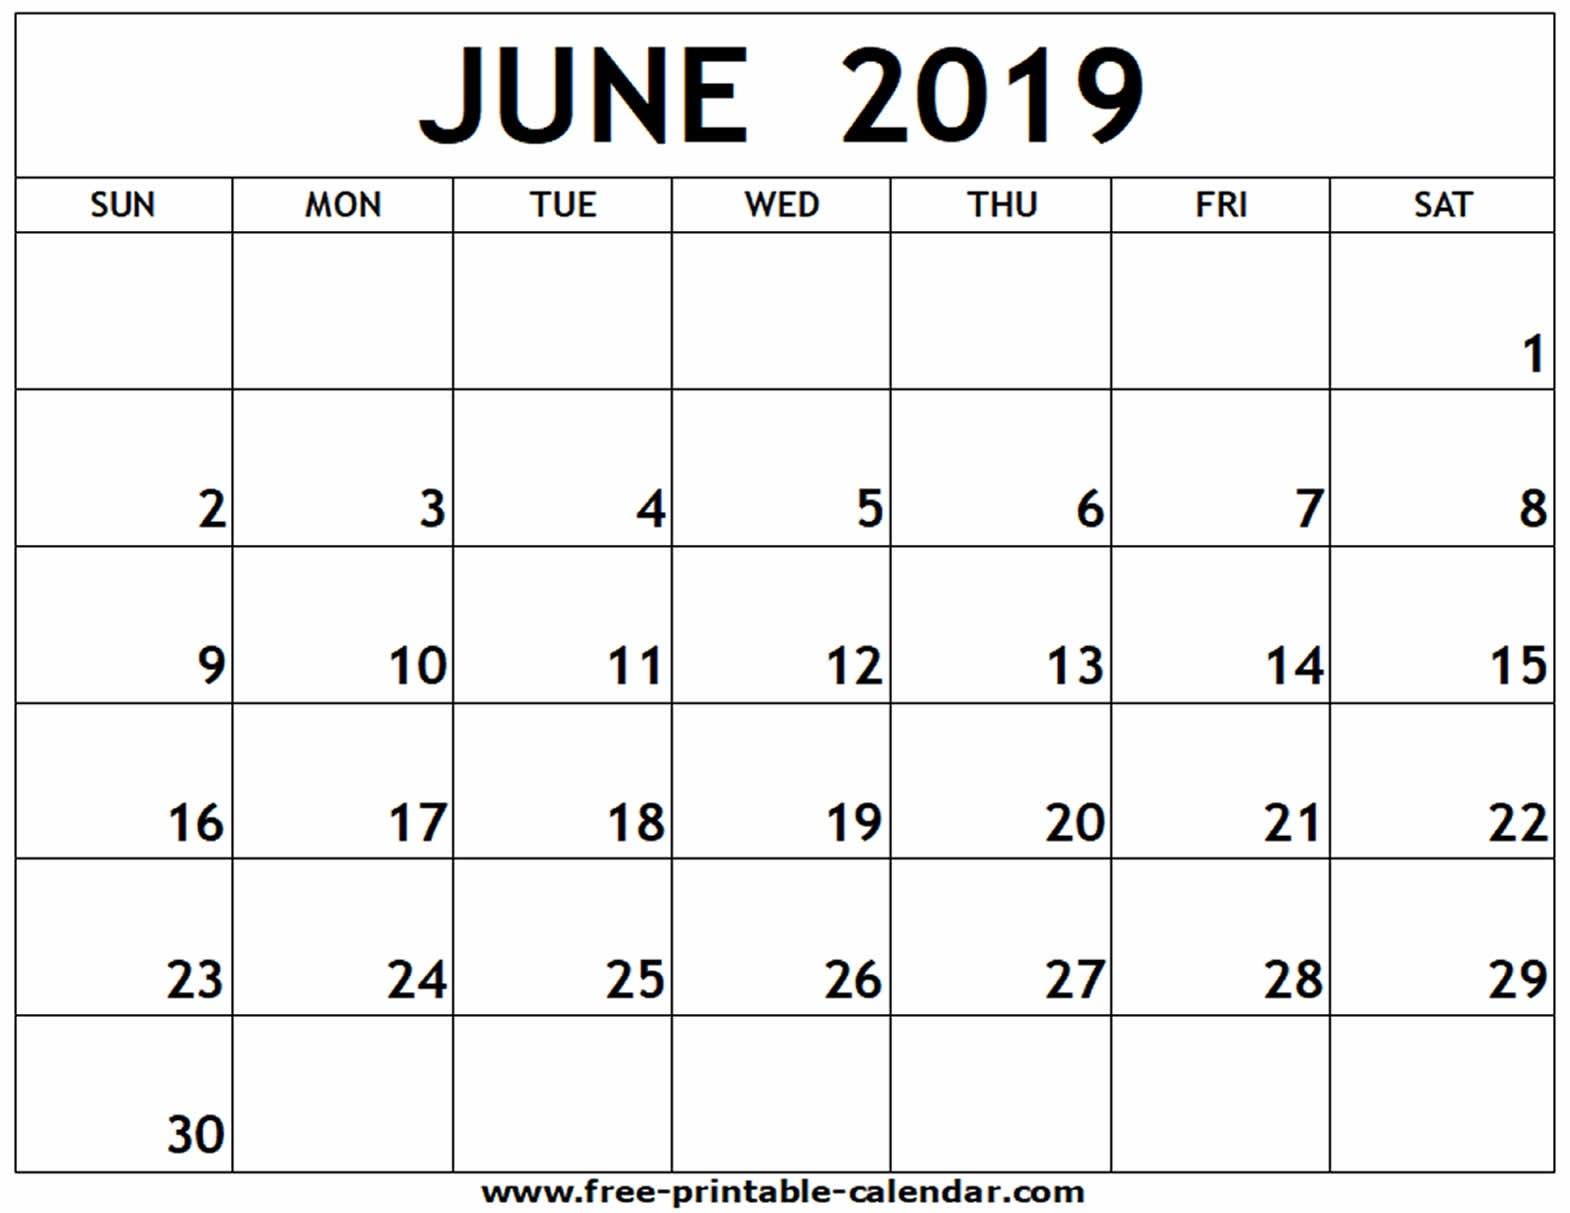 June 2019 Printable Calendar - Free-Printable-Calendar_Calendar For Printing June 2019